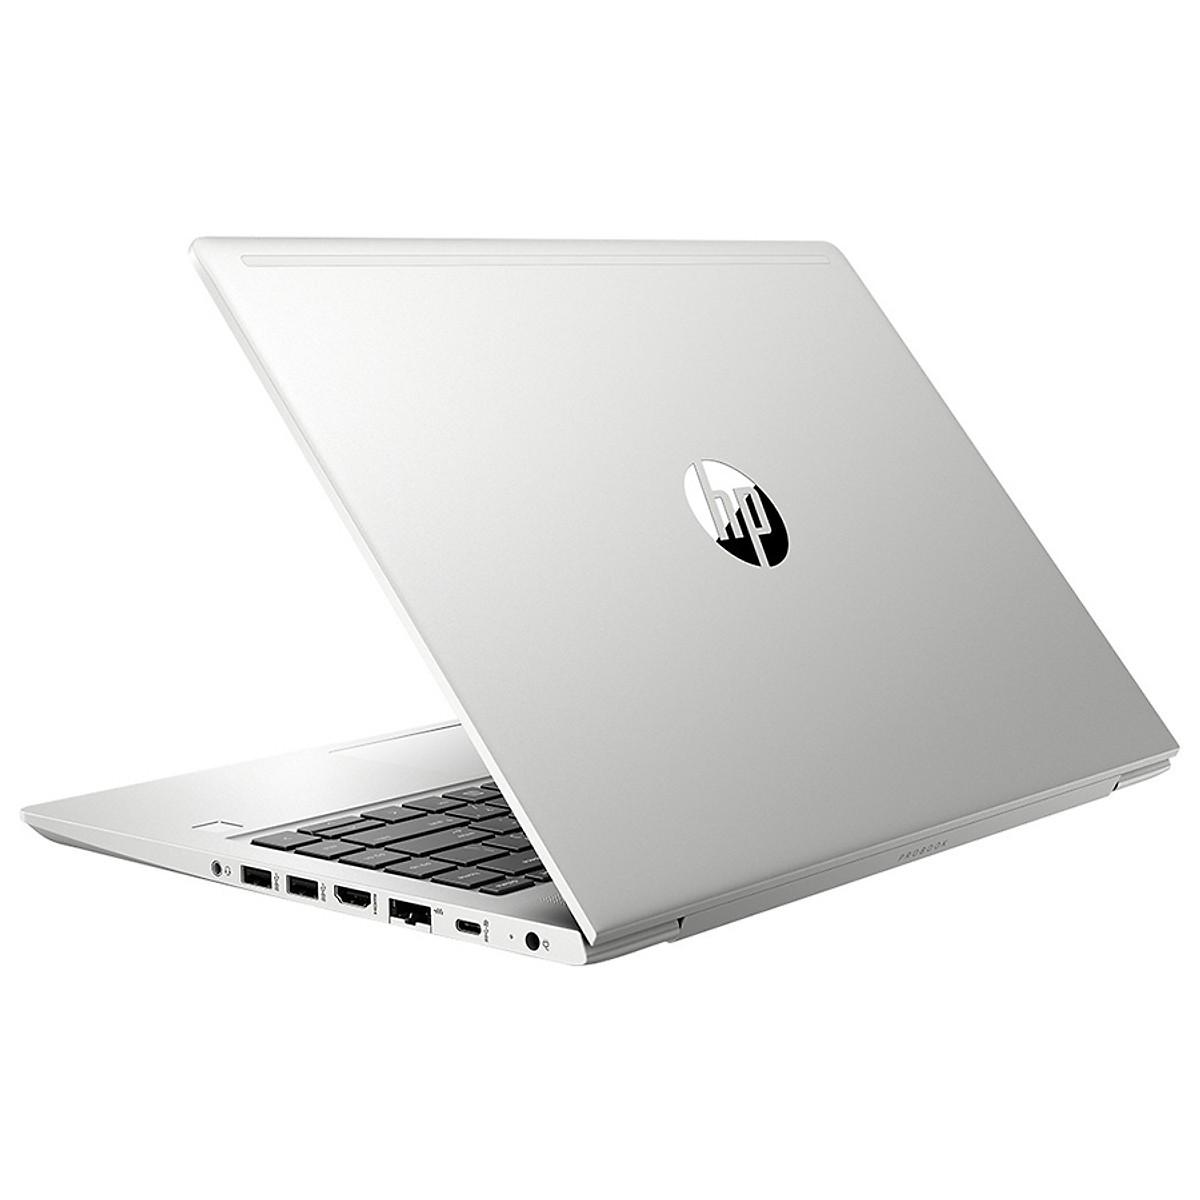 Máy tính xách tay HP ProBook 440 G6 5YM62PA